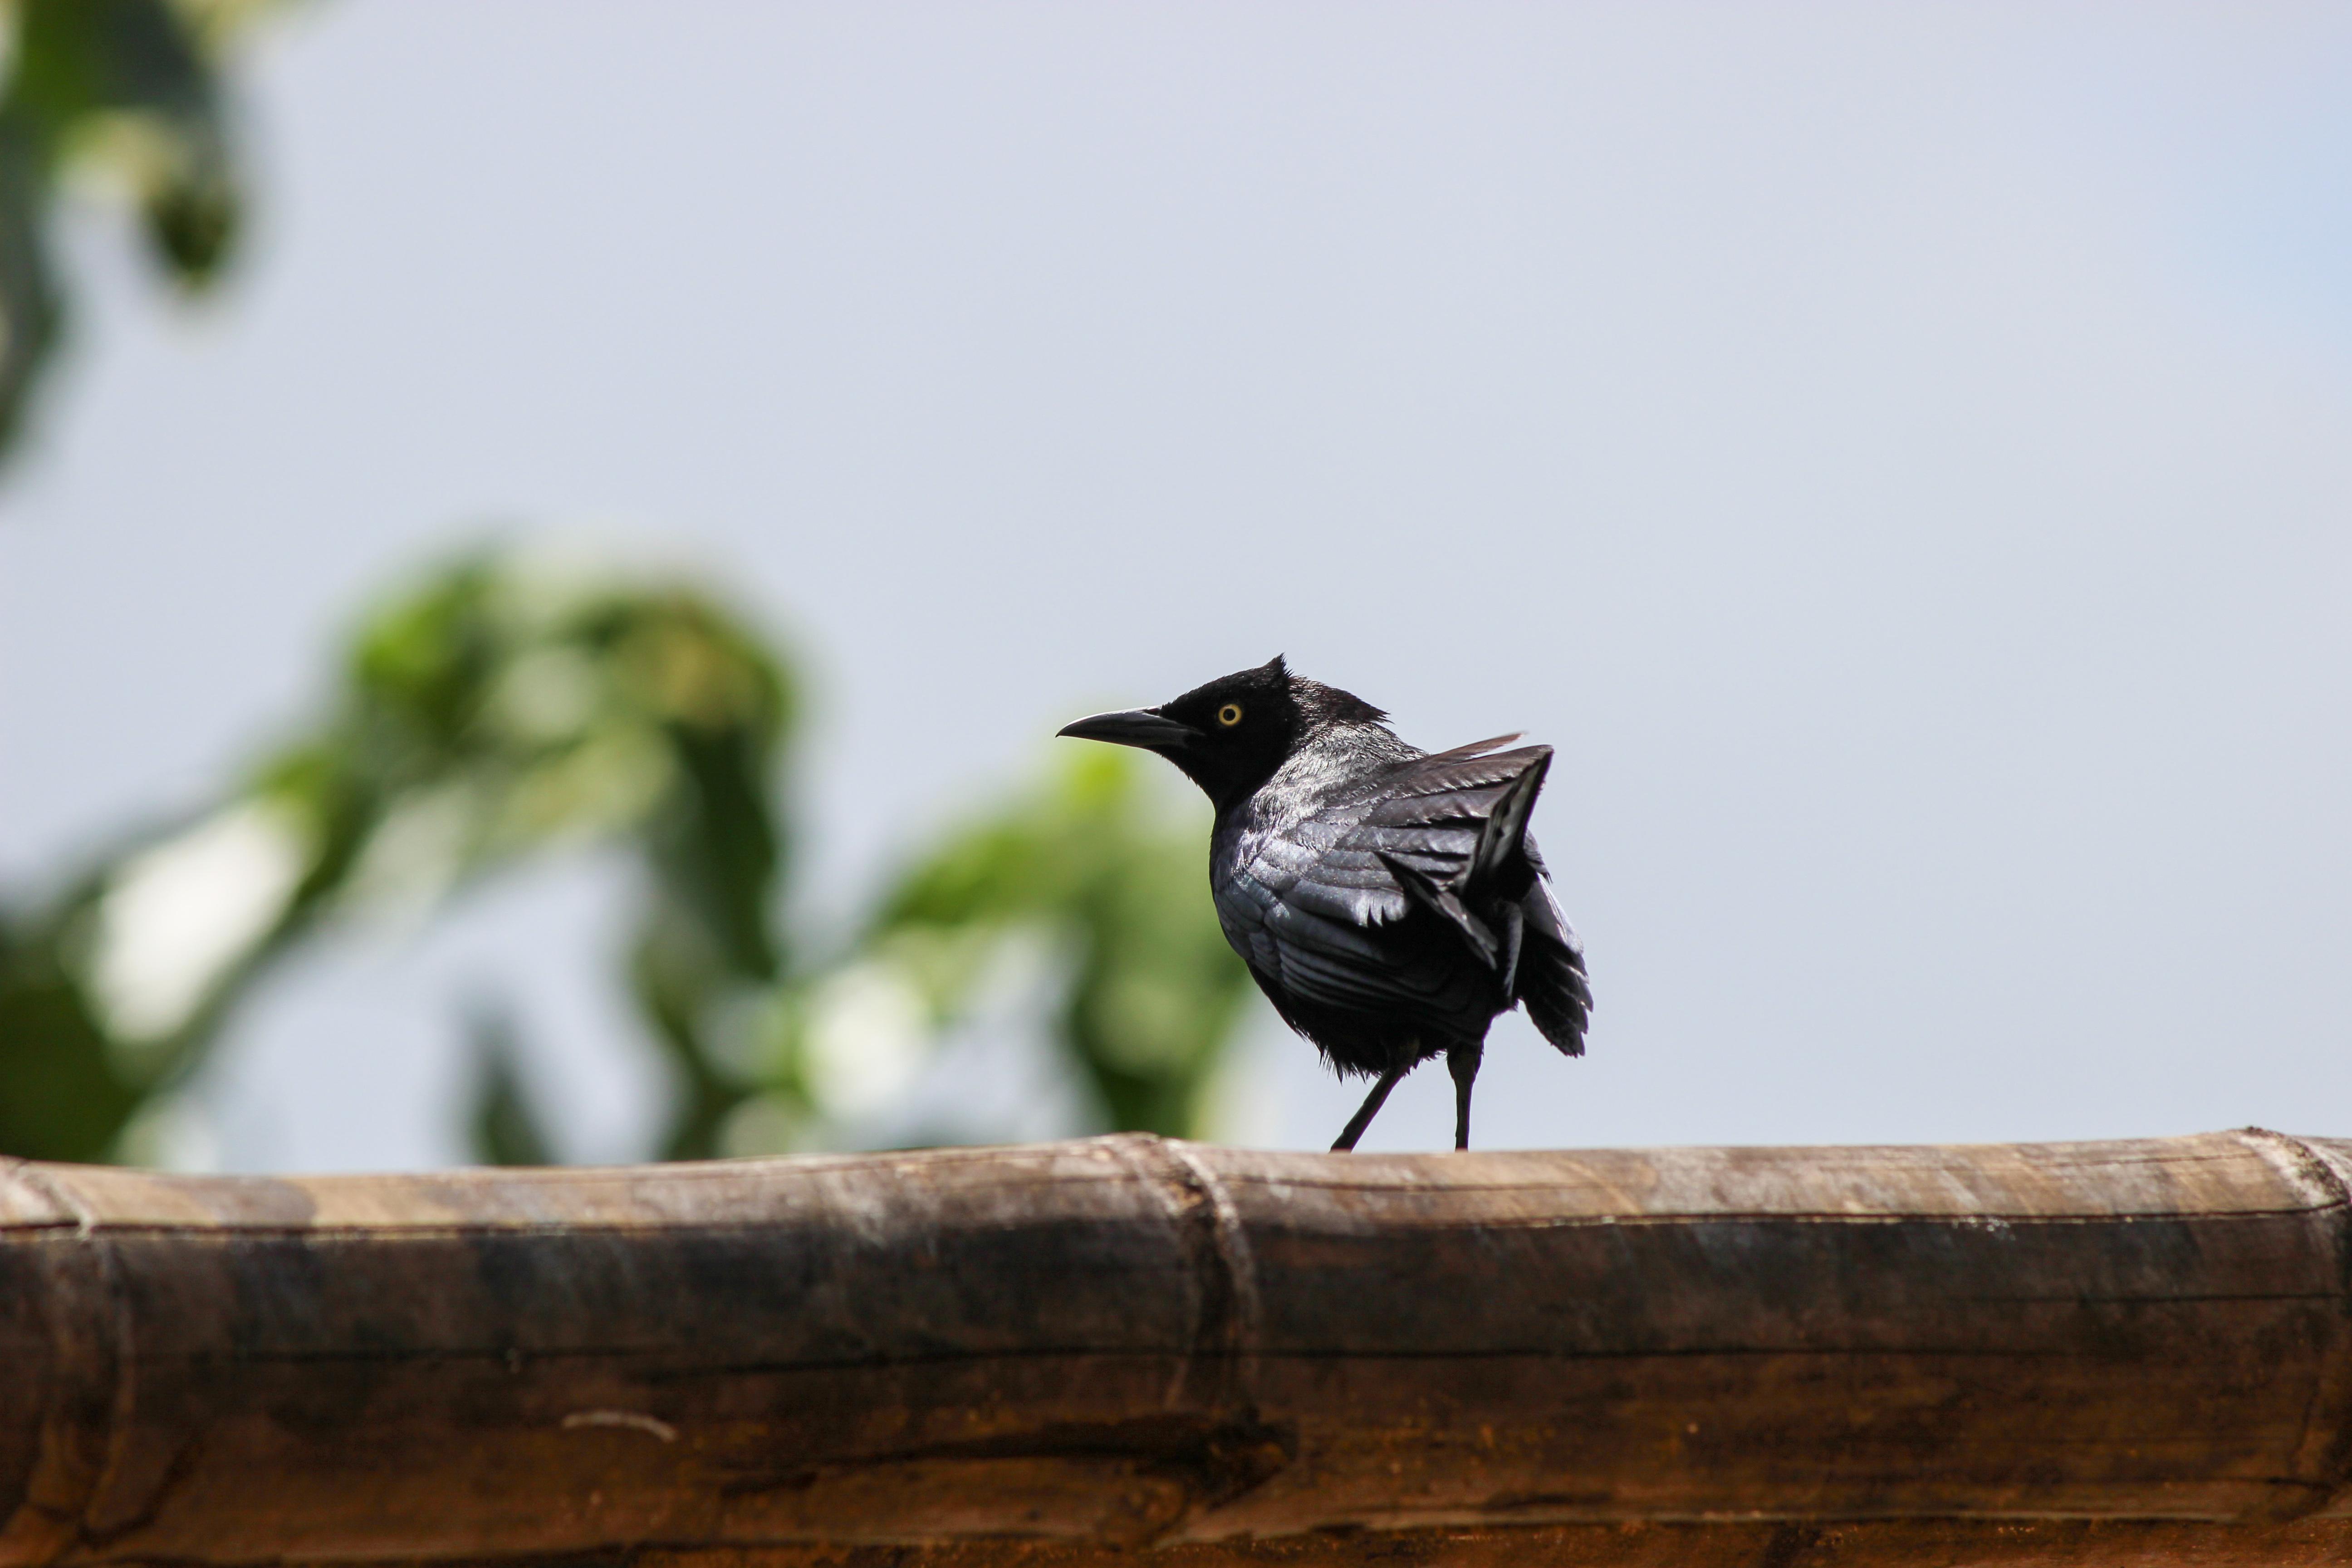 μακρύ πουλί πίπα